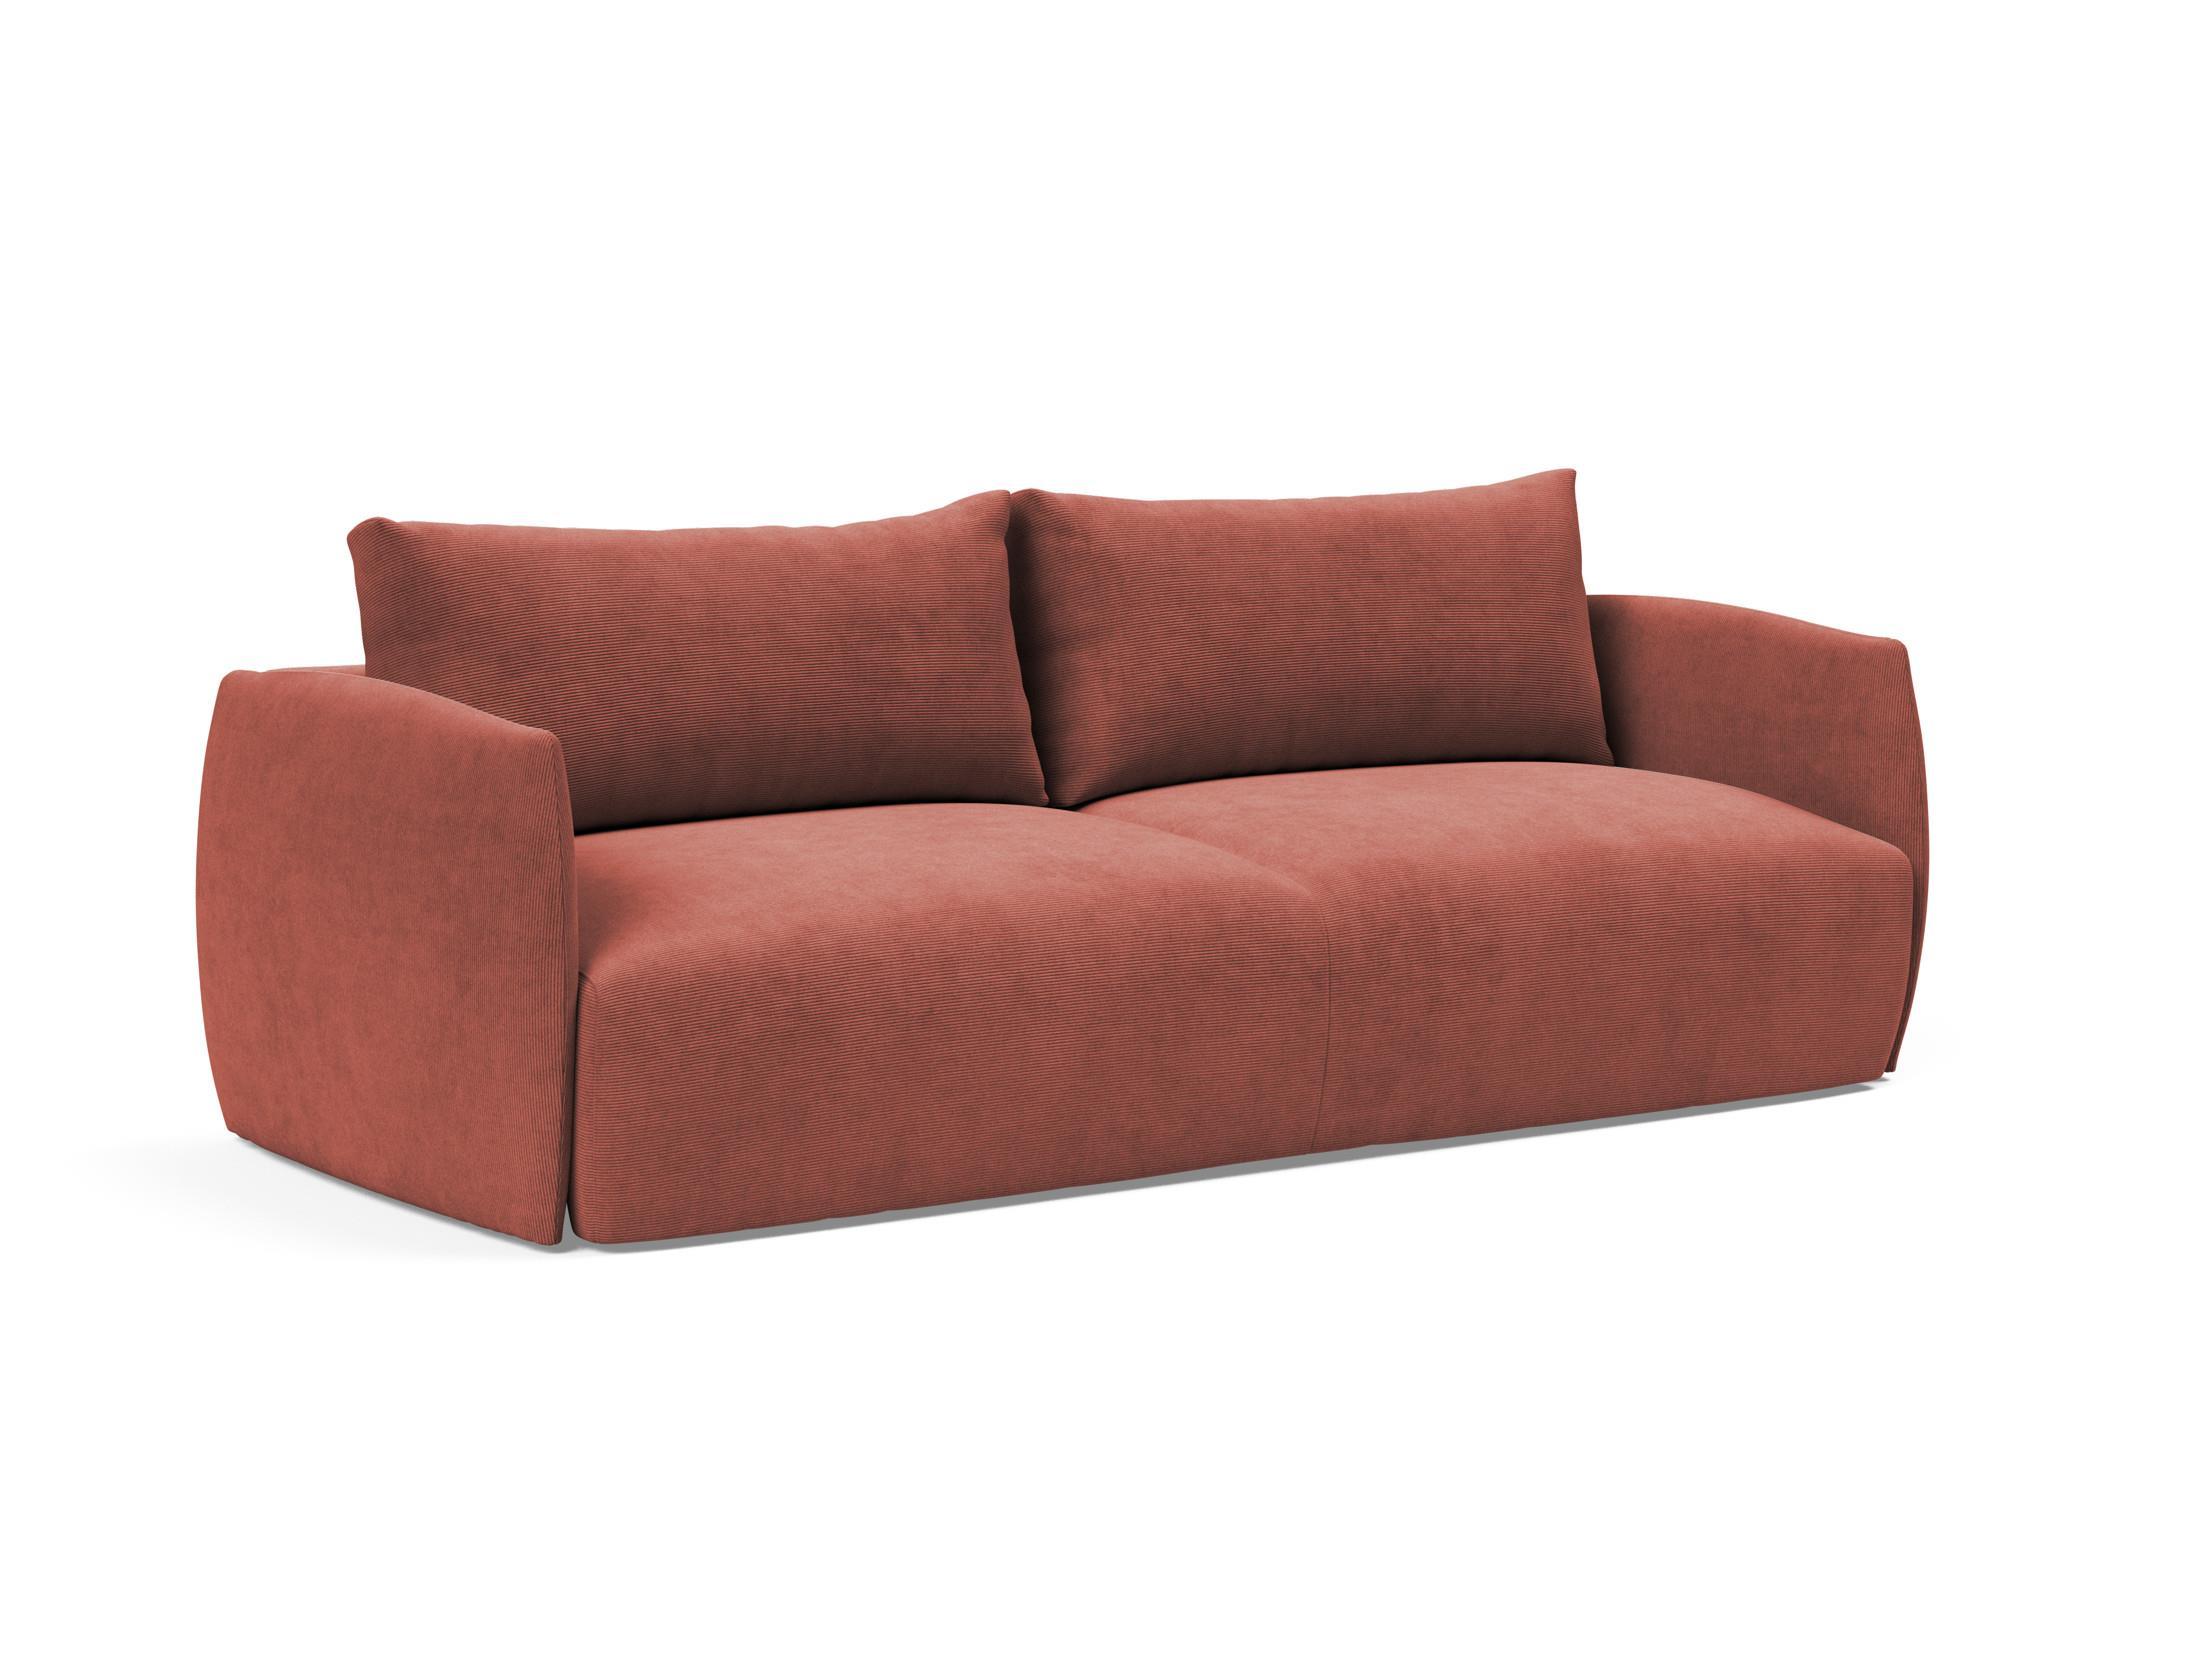 media/image/Salla-Sofa-Bed-317-p2-web0yux0mPzc6Kqj.jpg